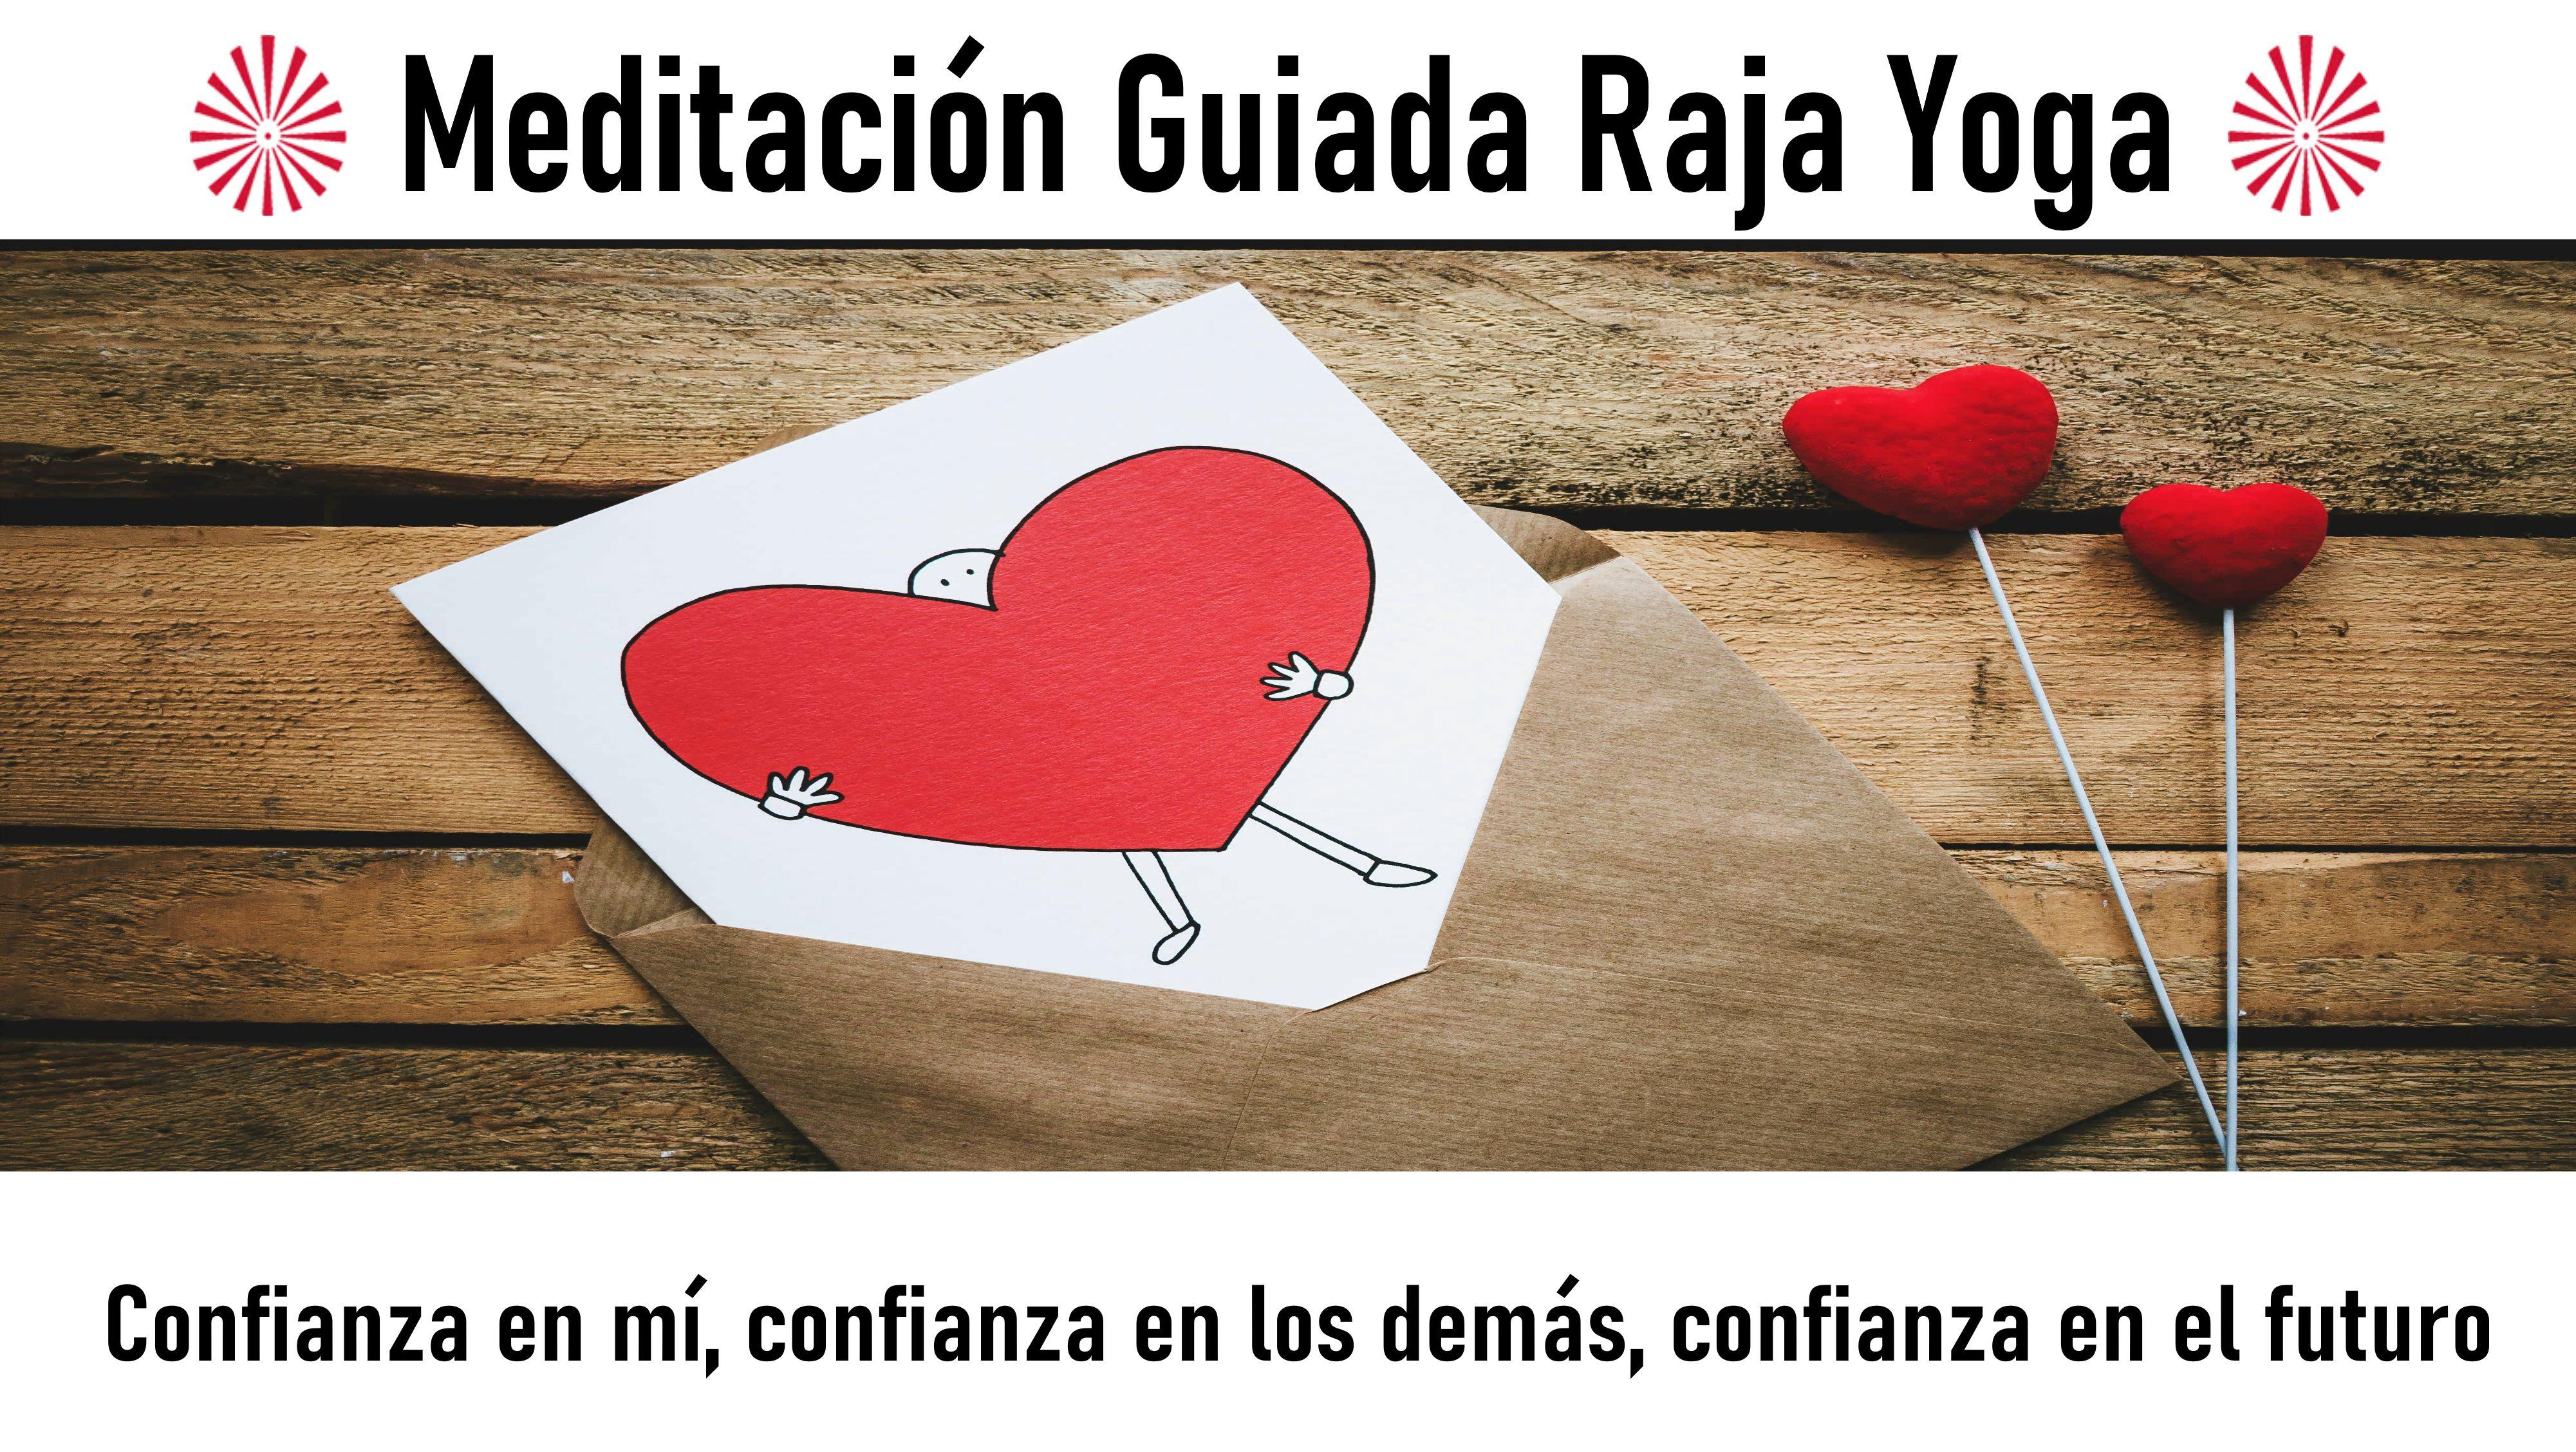 """6 Septiembre 2020  Meditaciónguiada: Meditación Raja Yoga """"Confianza en mí, confianza en los demás, confianza en el futuro"""